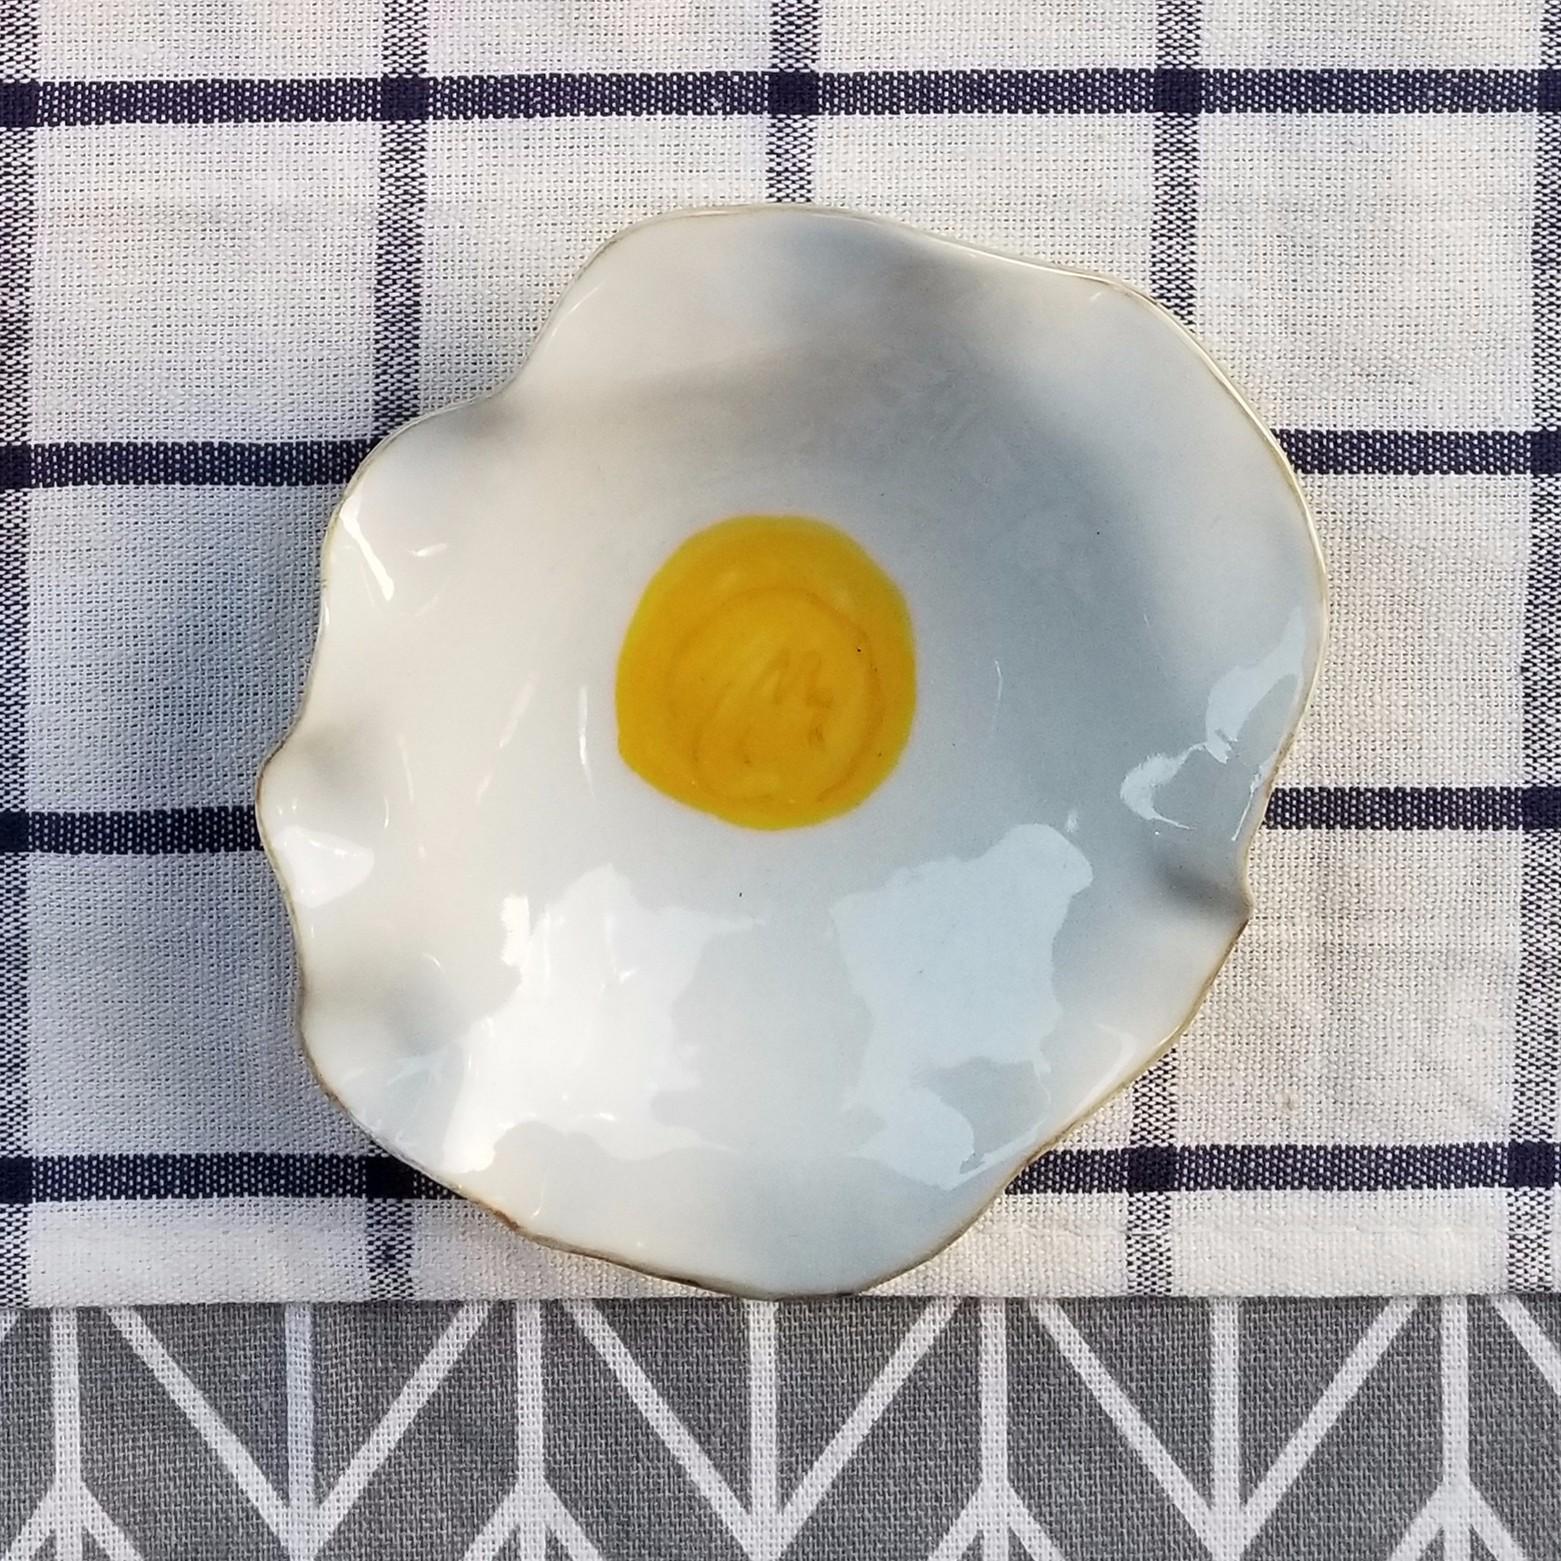 【鸡蛋黄系列】陶艺家姚金晓设计  手工手绘创意餐盘 点心盘 酱碟